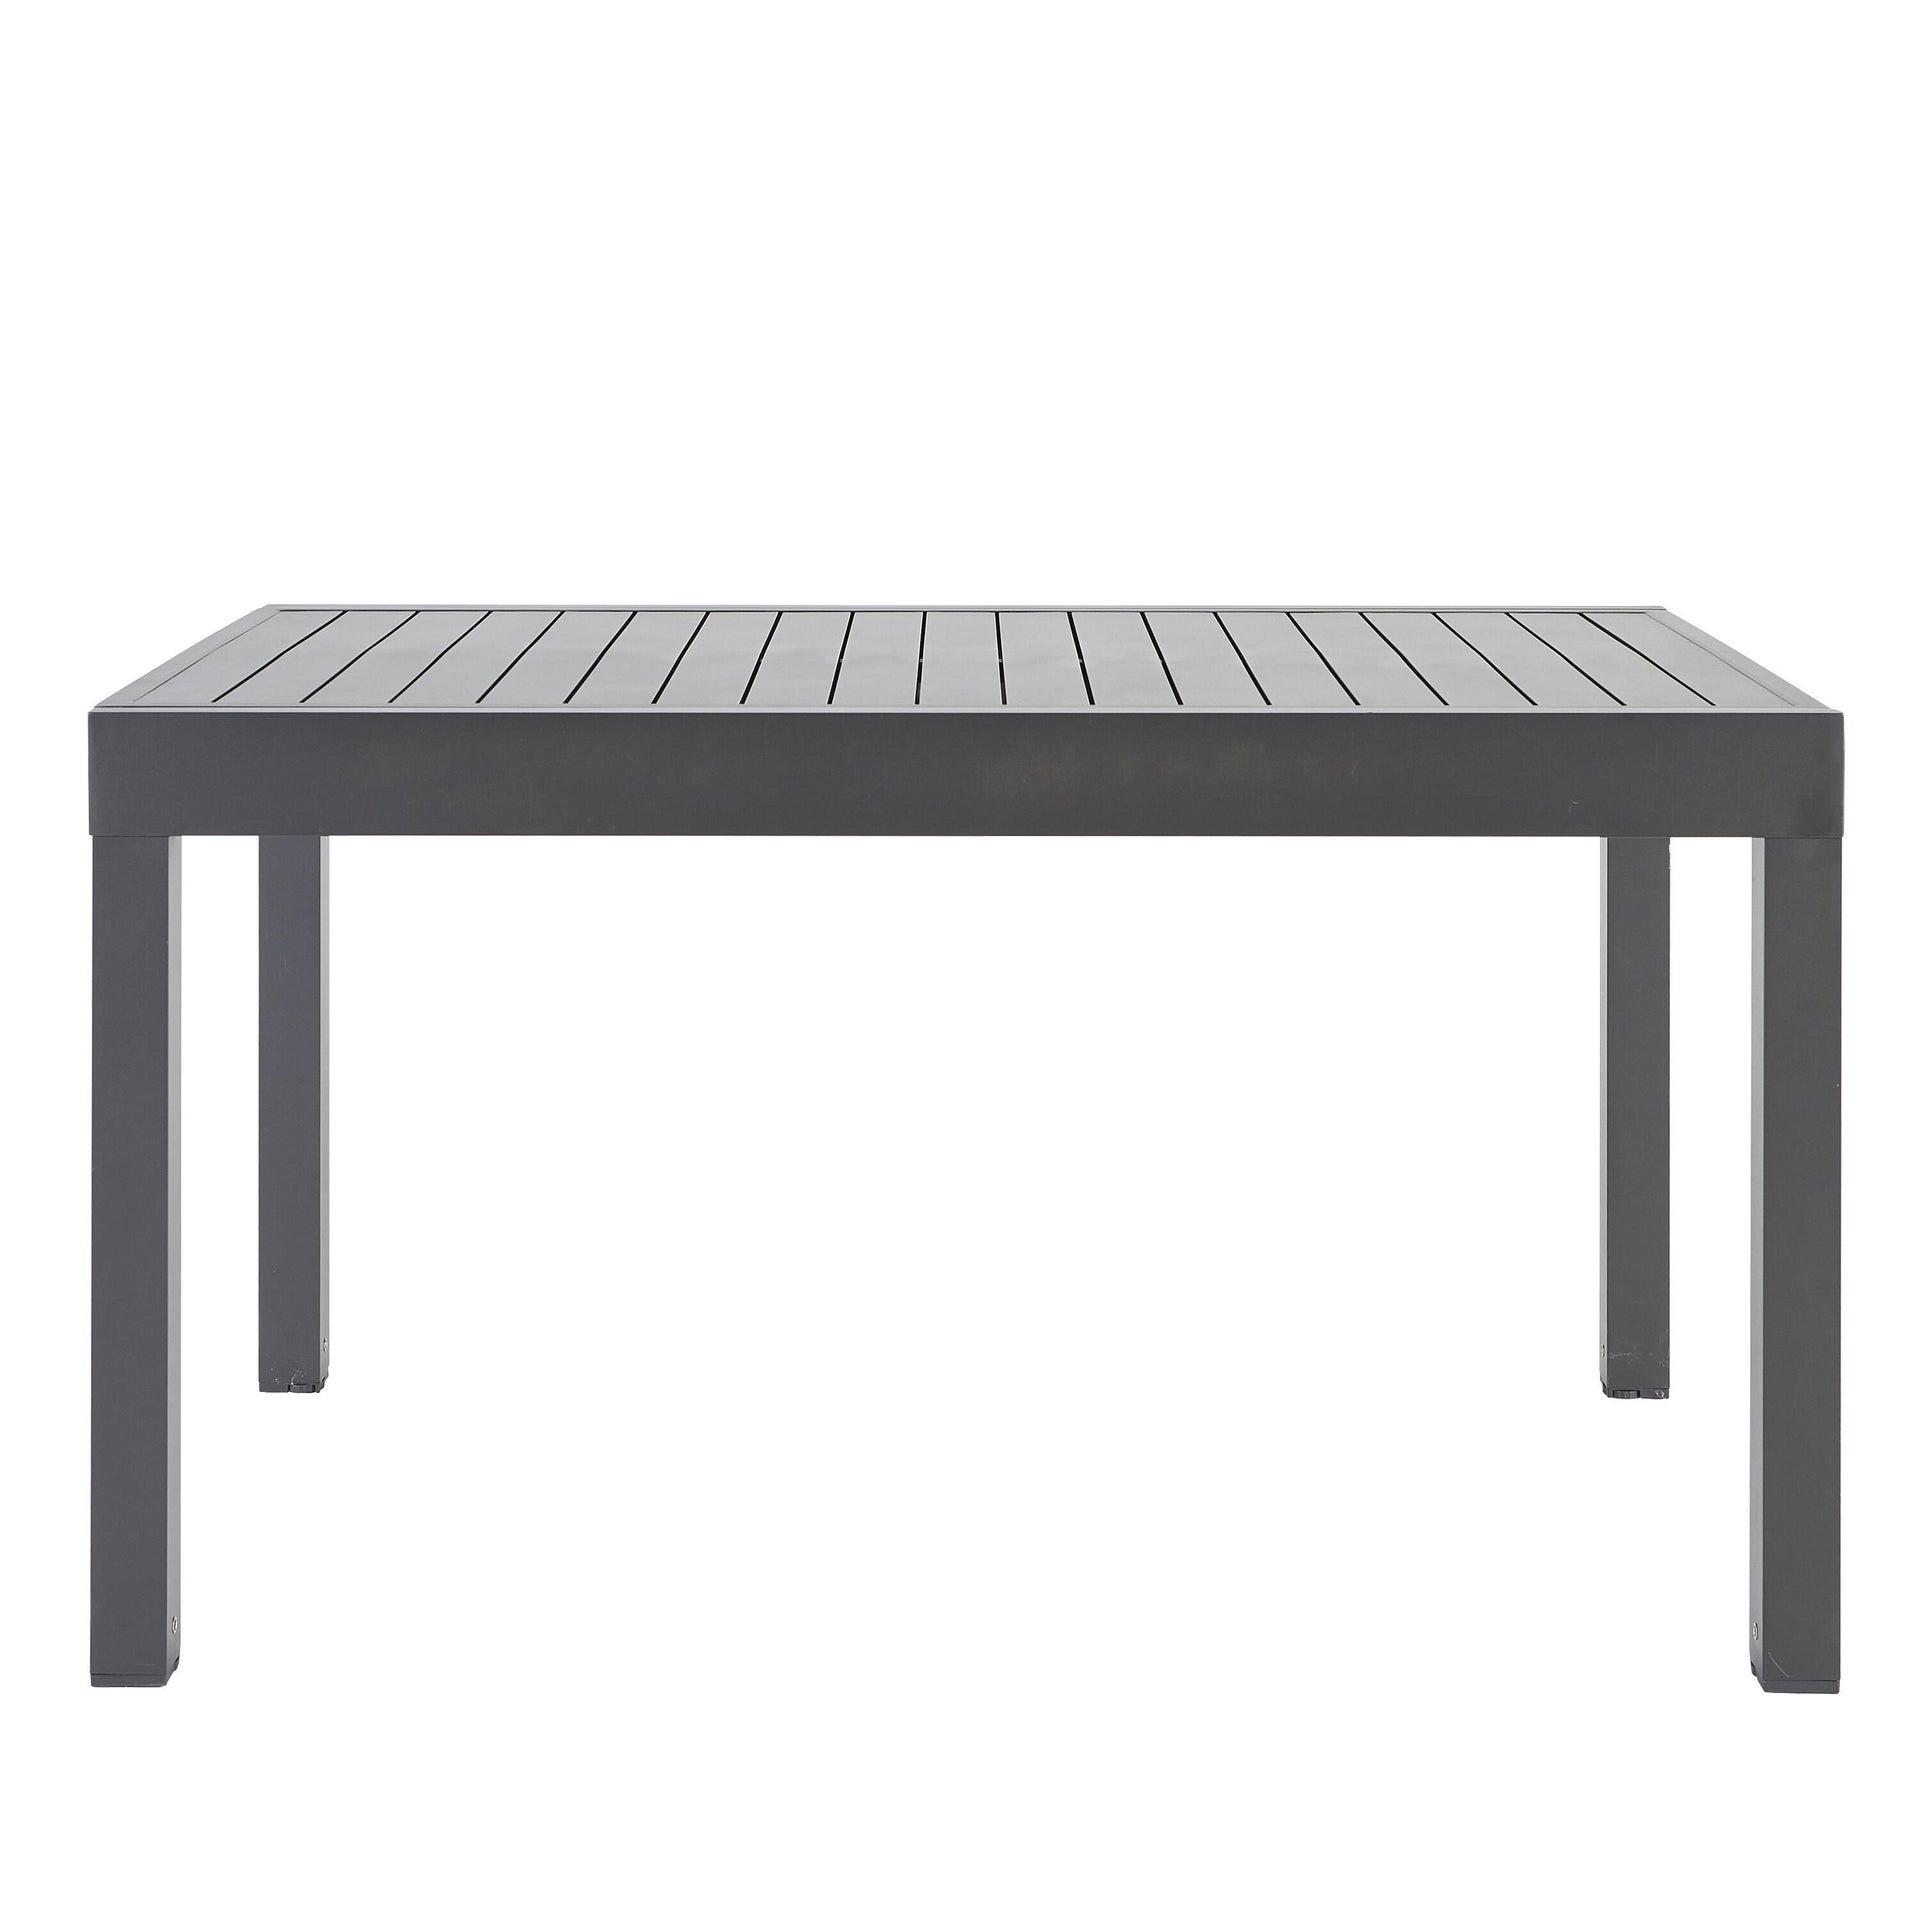 Tavolo da giardino allungabile rettangolare Lisbon con piano in alluminio L 135/270 x P 90 cm - 18